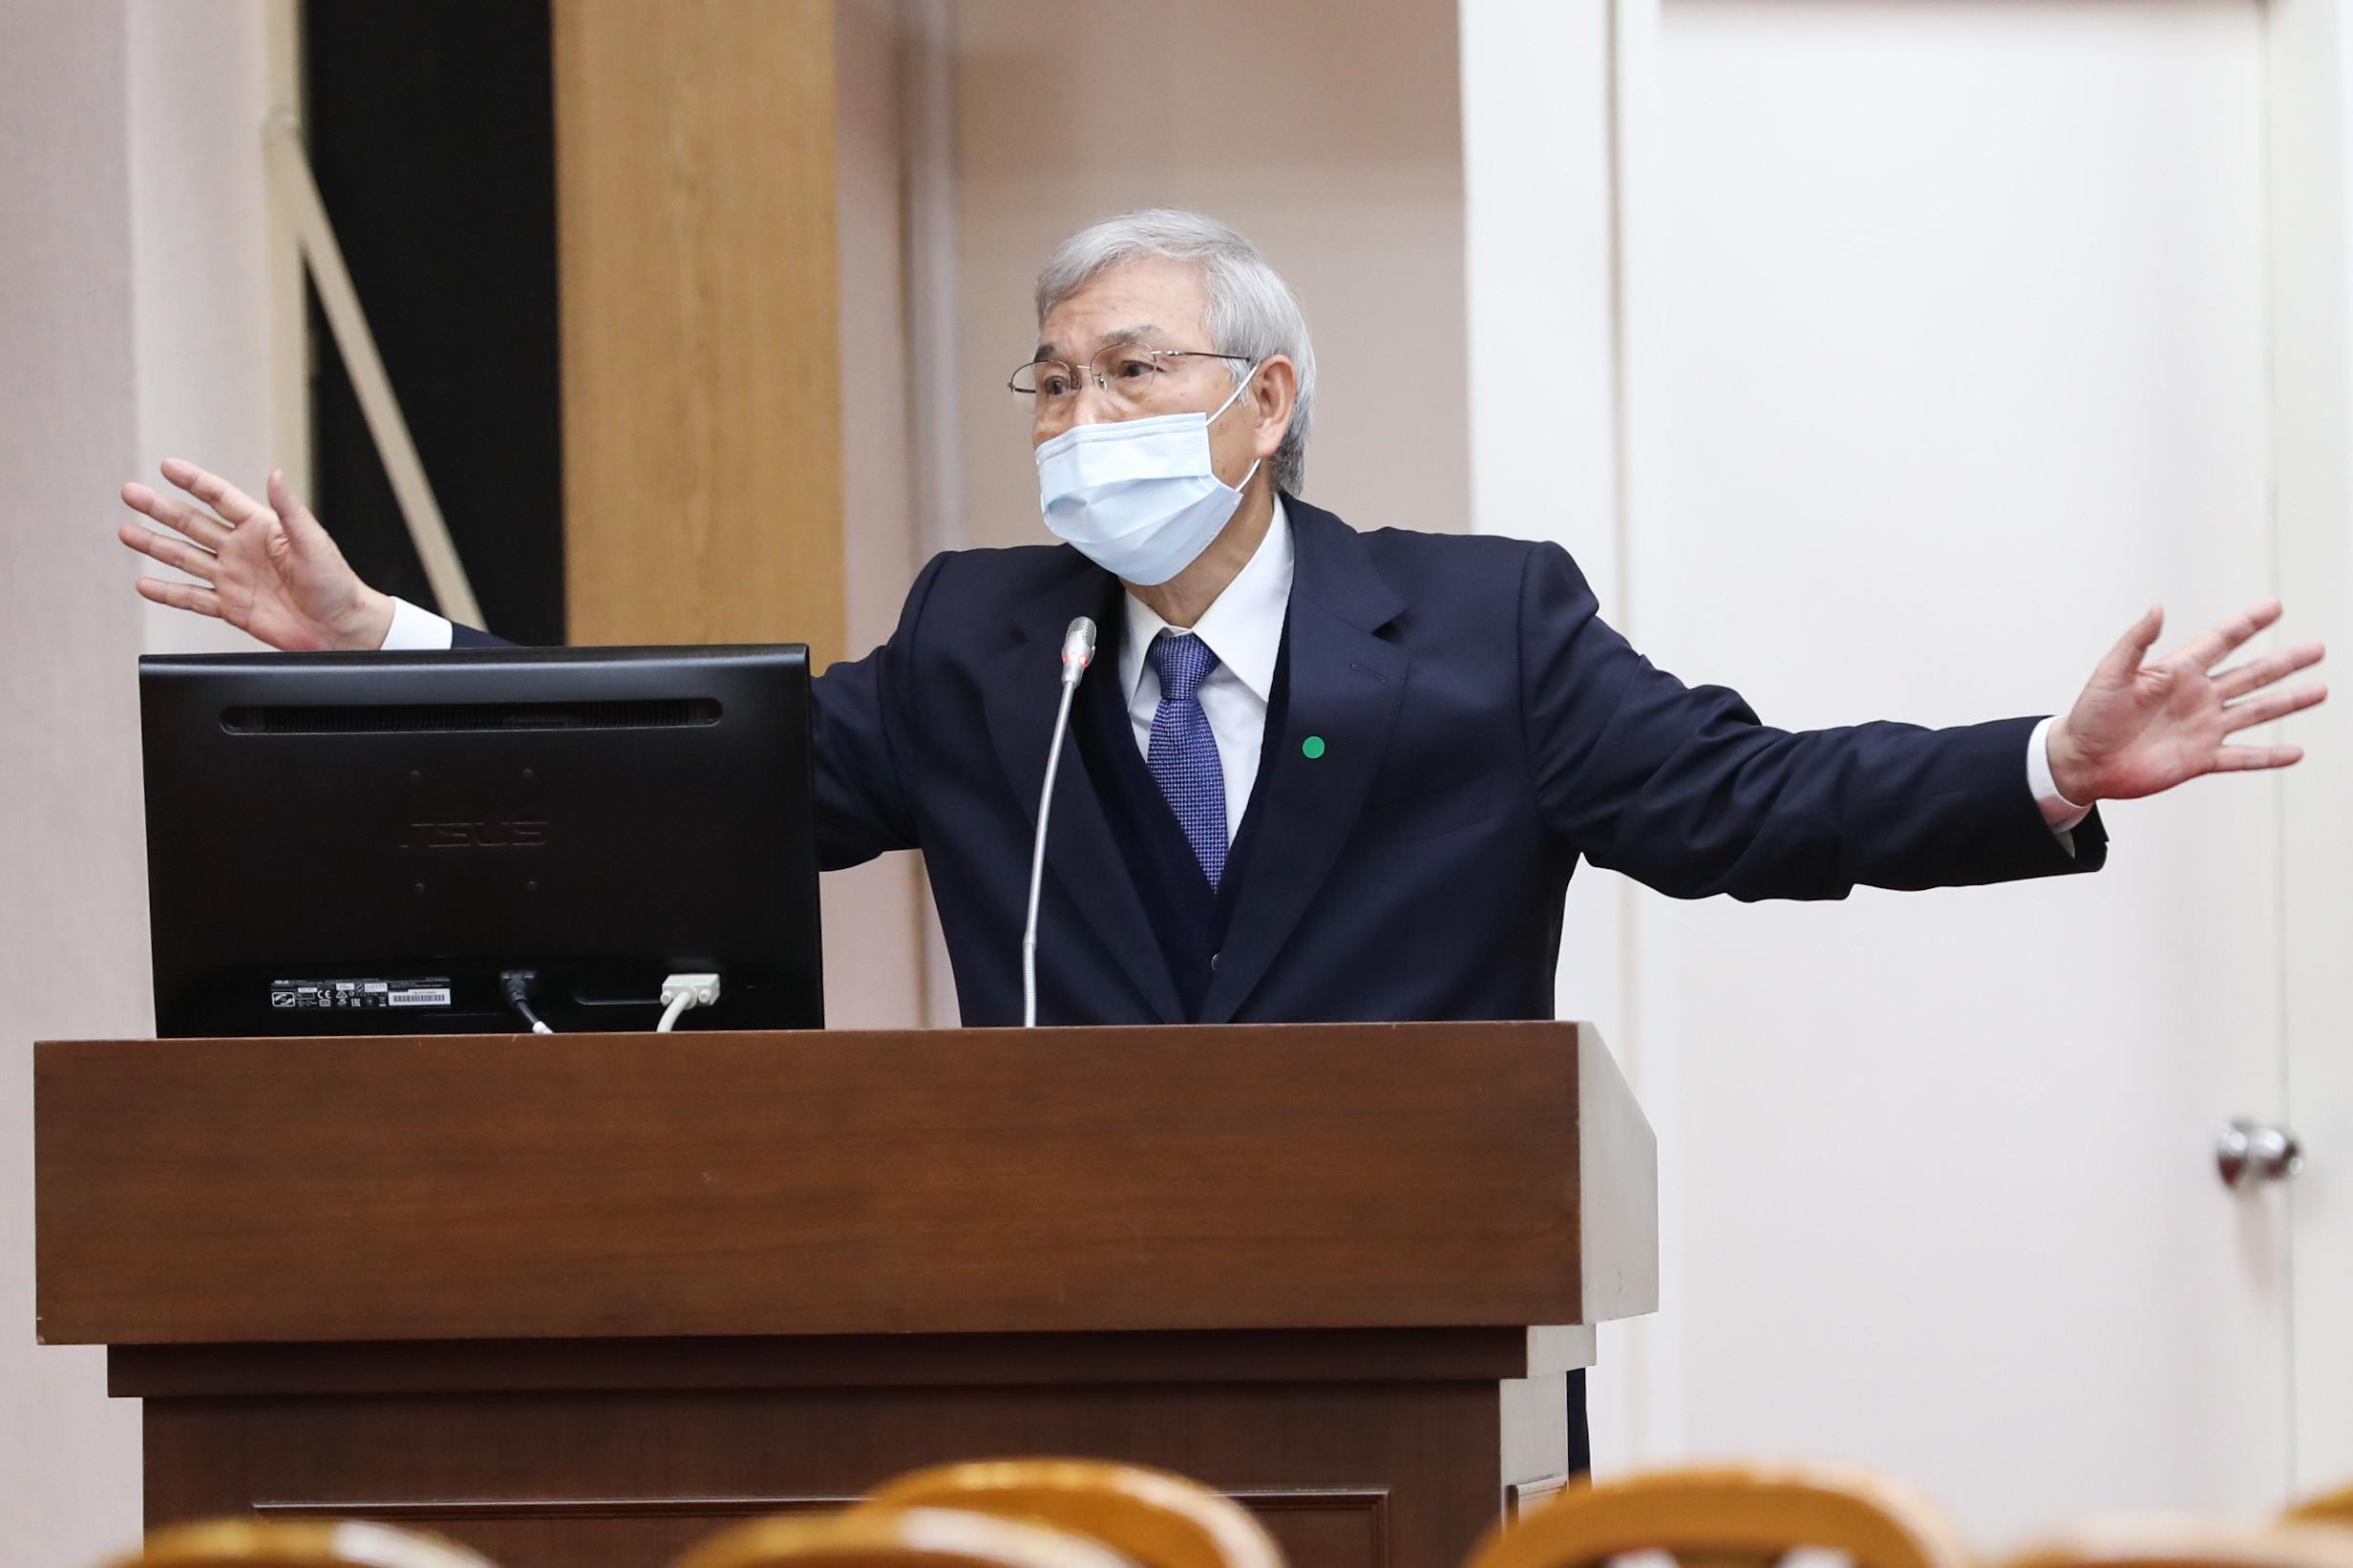 ▲中央銀行總裁楊金龍於立法院備詢。(圖/記者林敬旻攝)